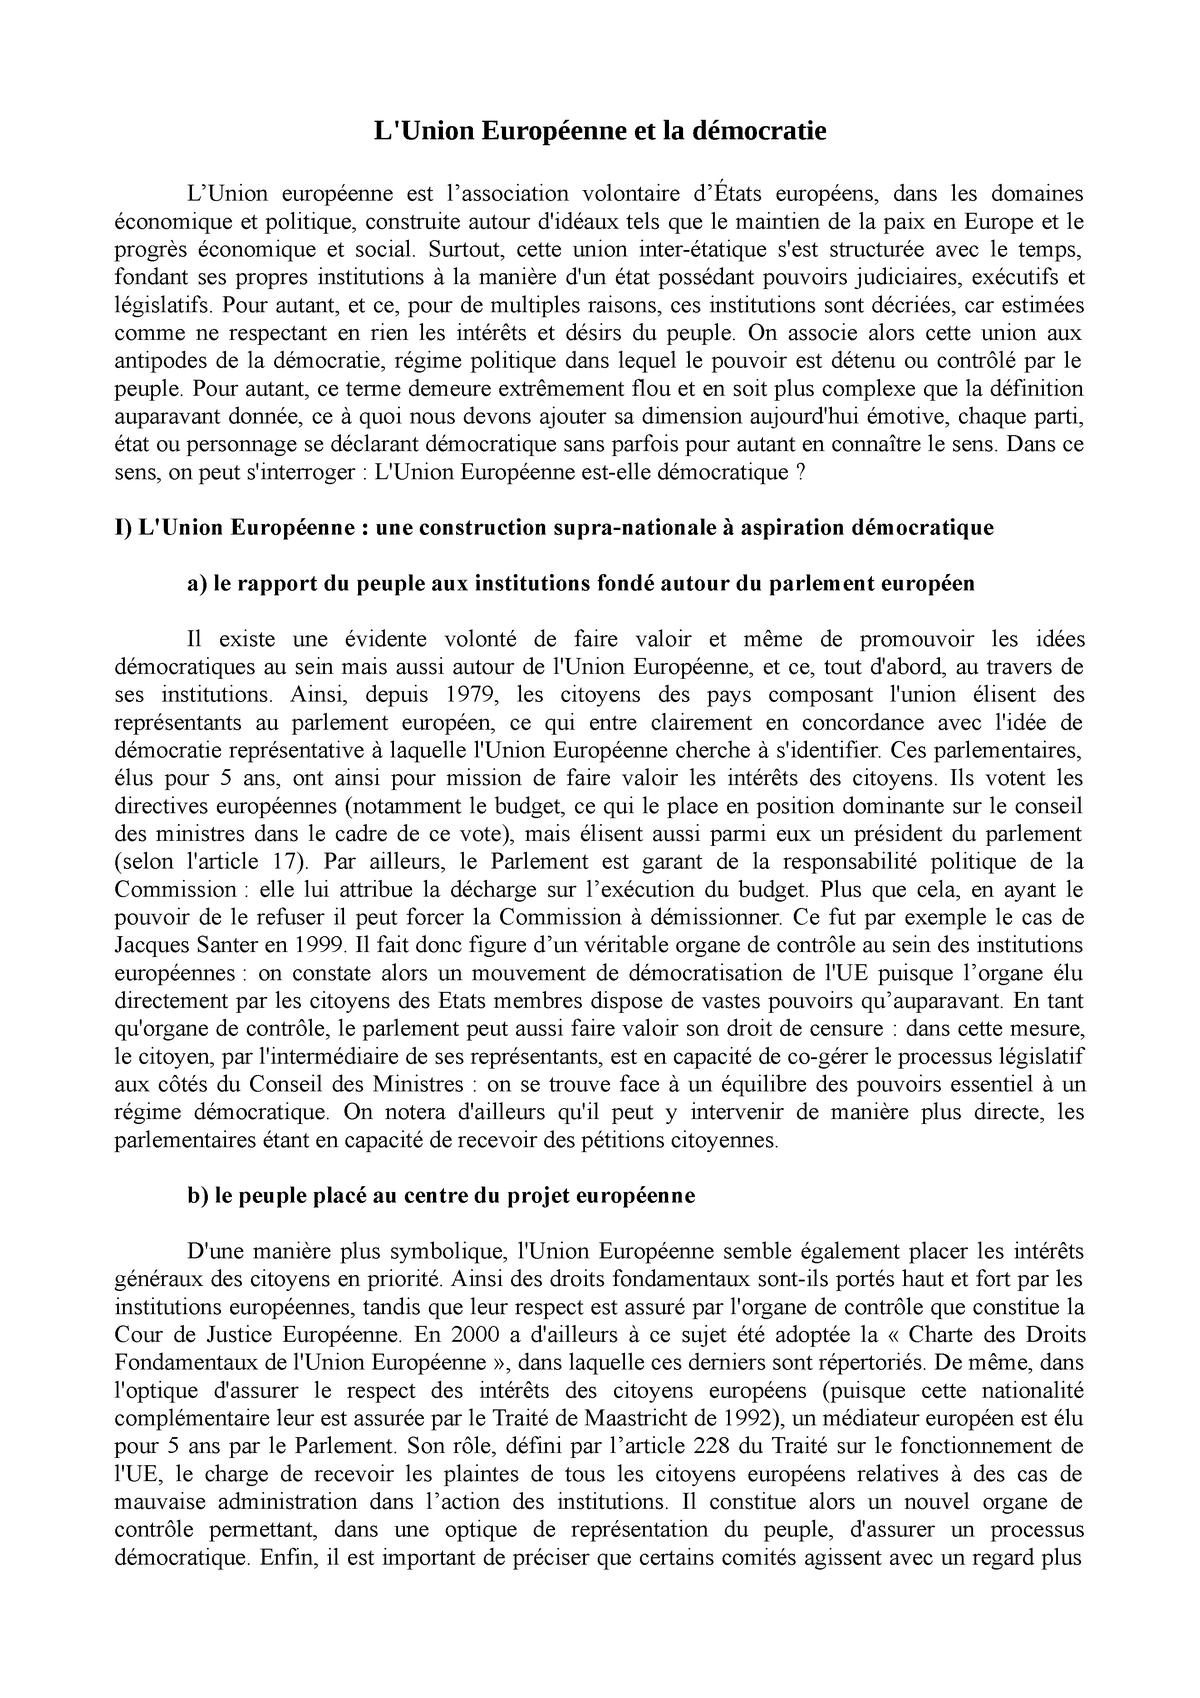 Concours Sciences Po : méthode de la dissertation de Question Contemporaine 🔥 - Les Sherpas